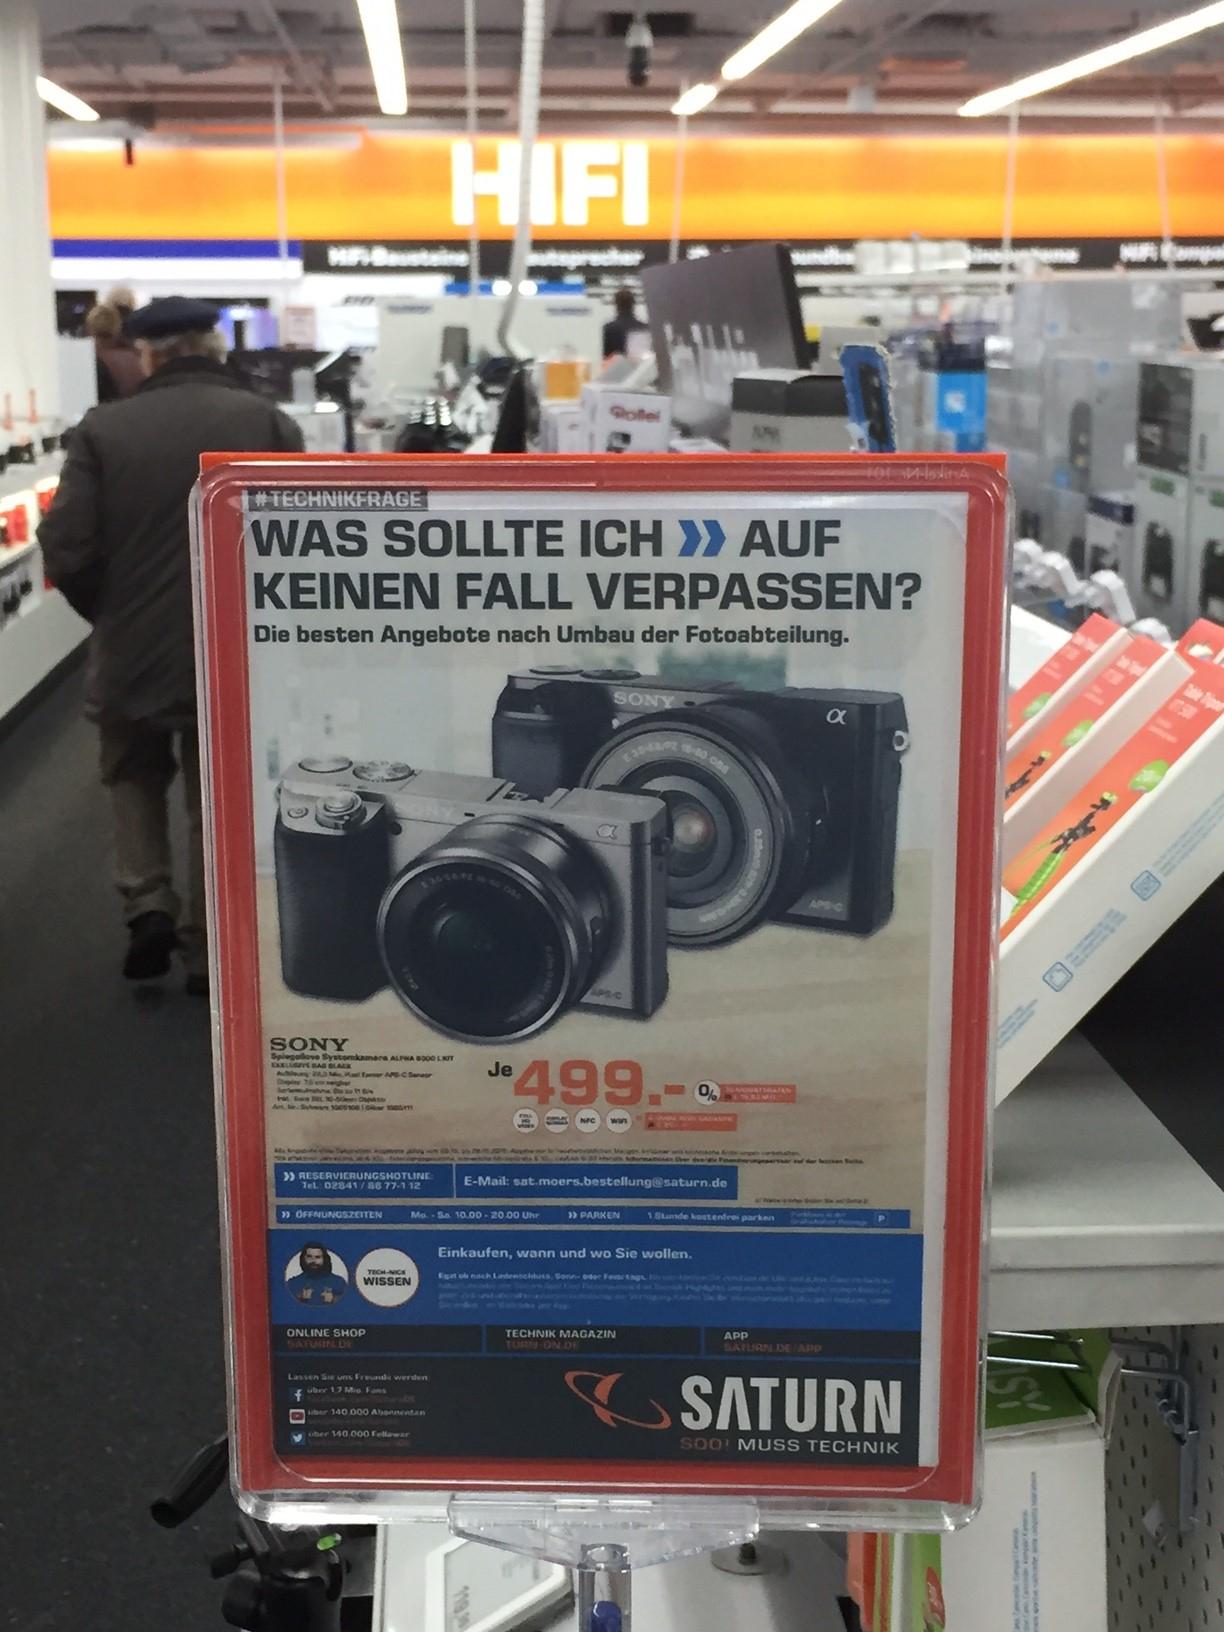 Lokal Saturn Moers aber mit deutschlandweiter Versand Sony A 6000 mit Objektiv und Tasche für 499€